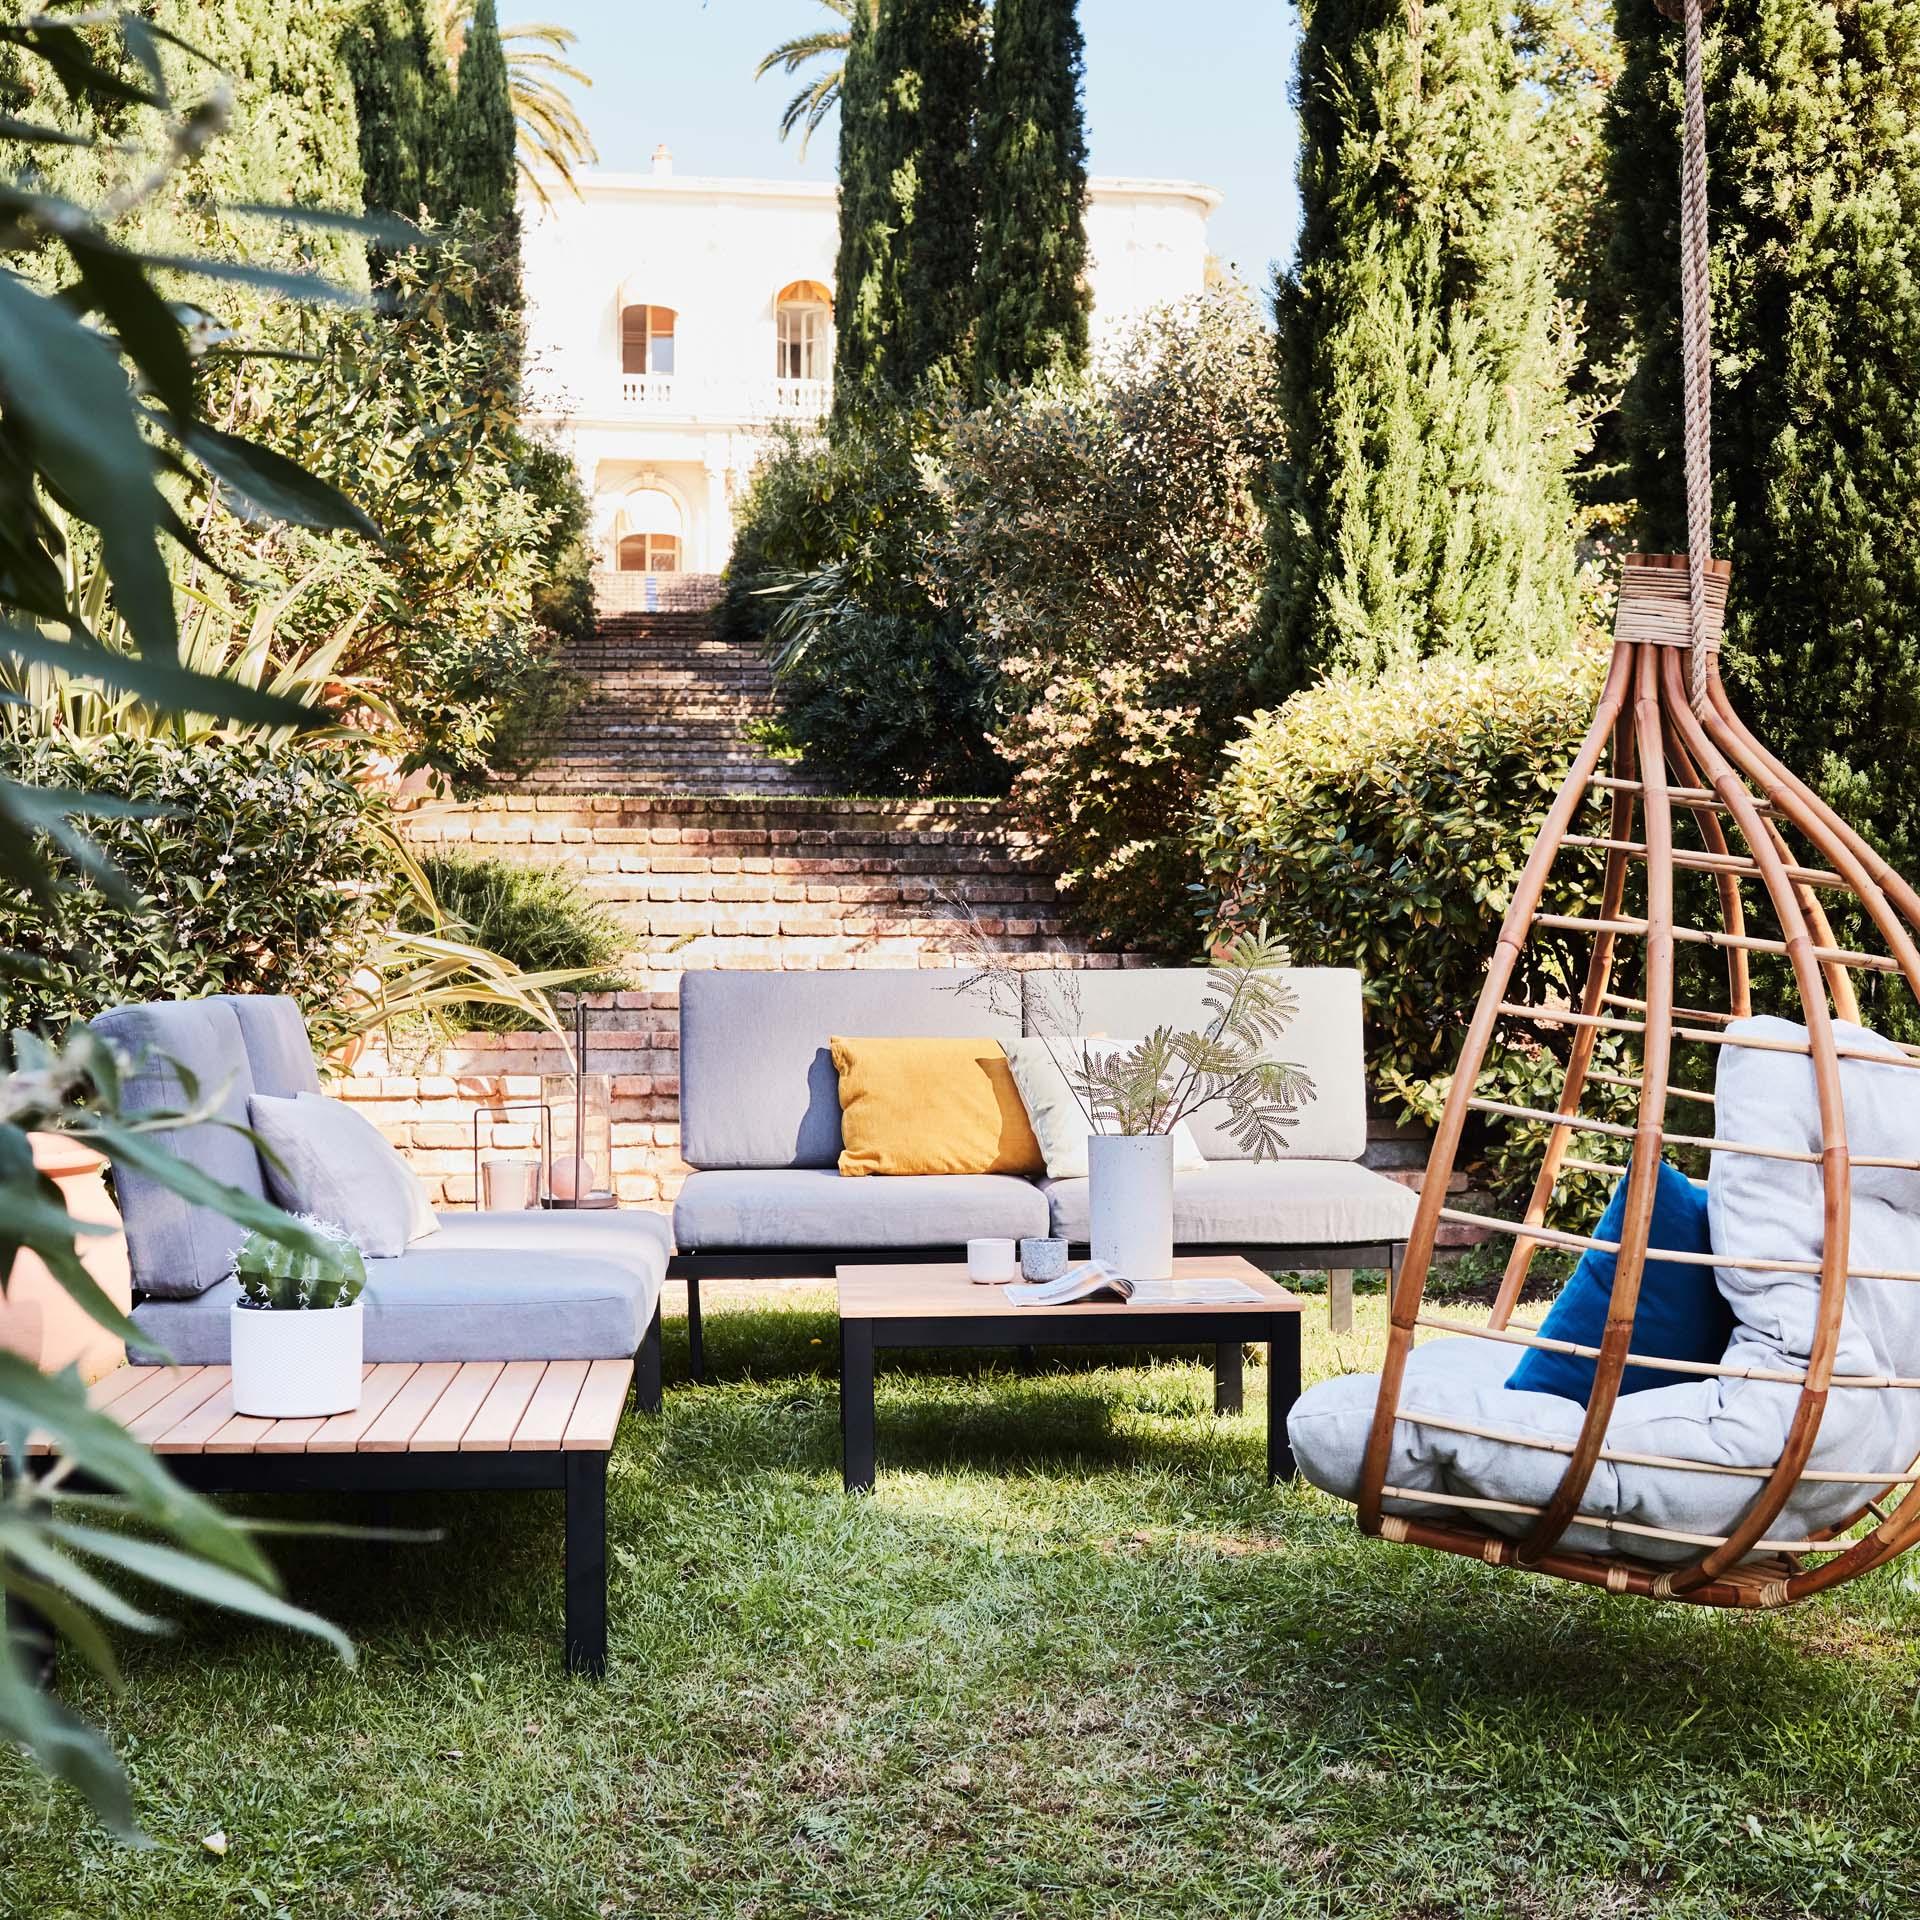 Les Salons De Jardin : Matériaux, Formats, Critères De Choix pour Petit Salon De Jardin